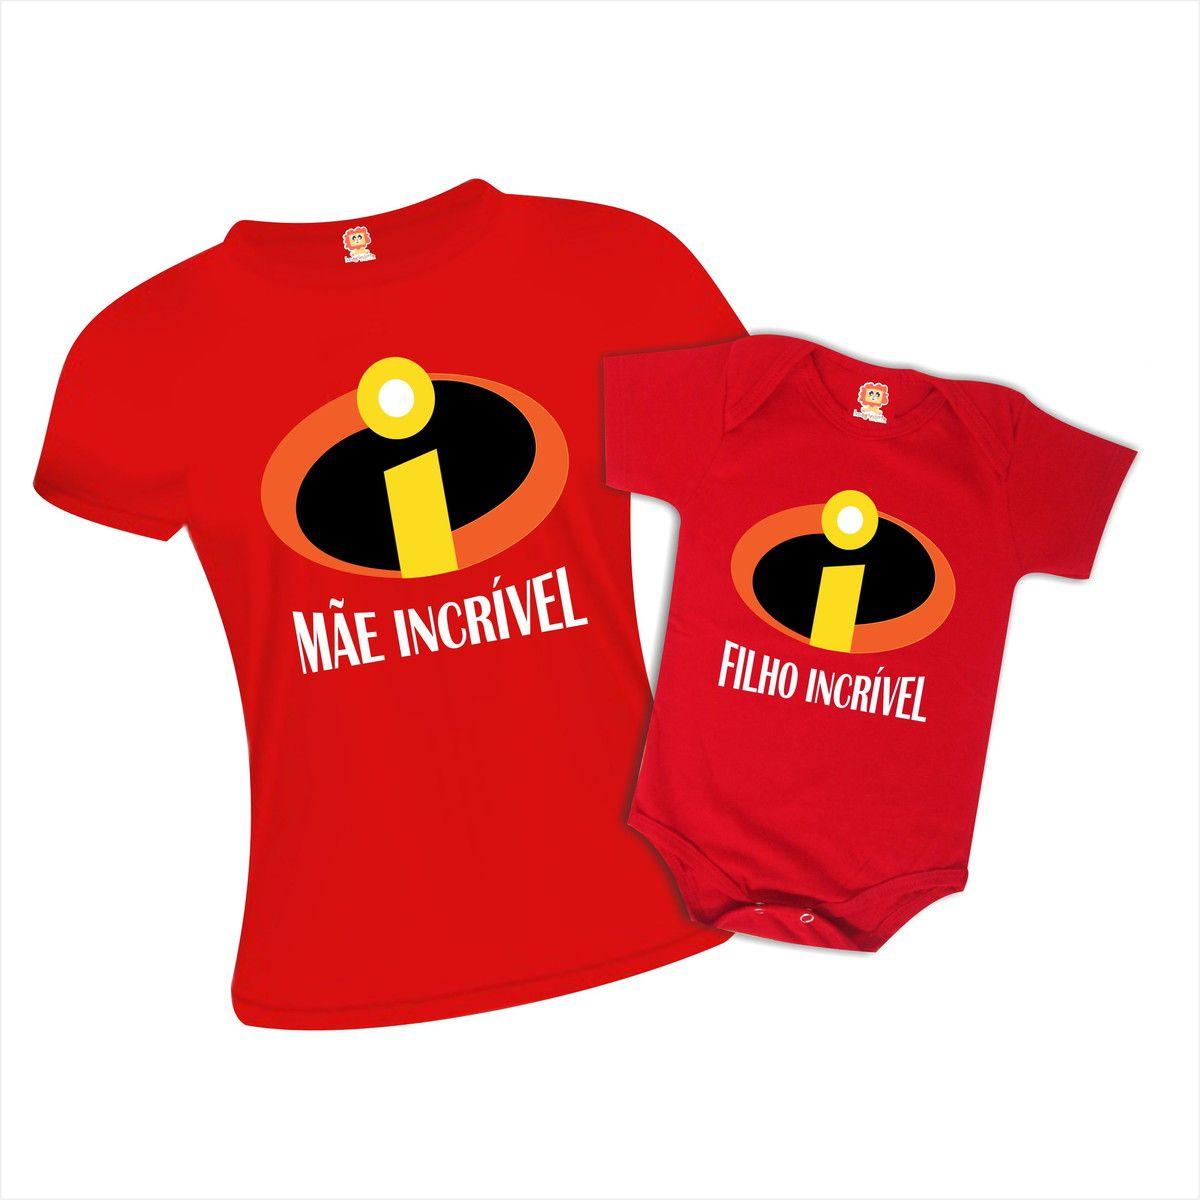 Kit Camiseta e Body Mãe Incrível e Filho Incrível